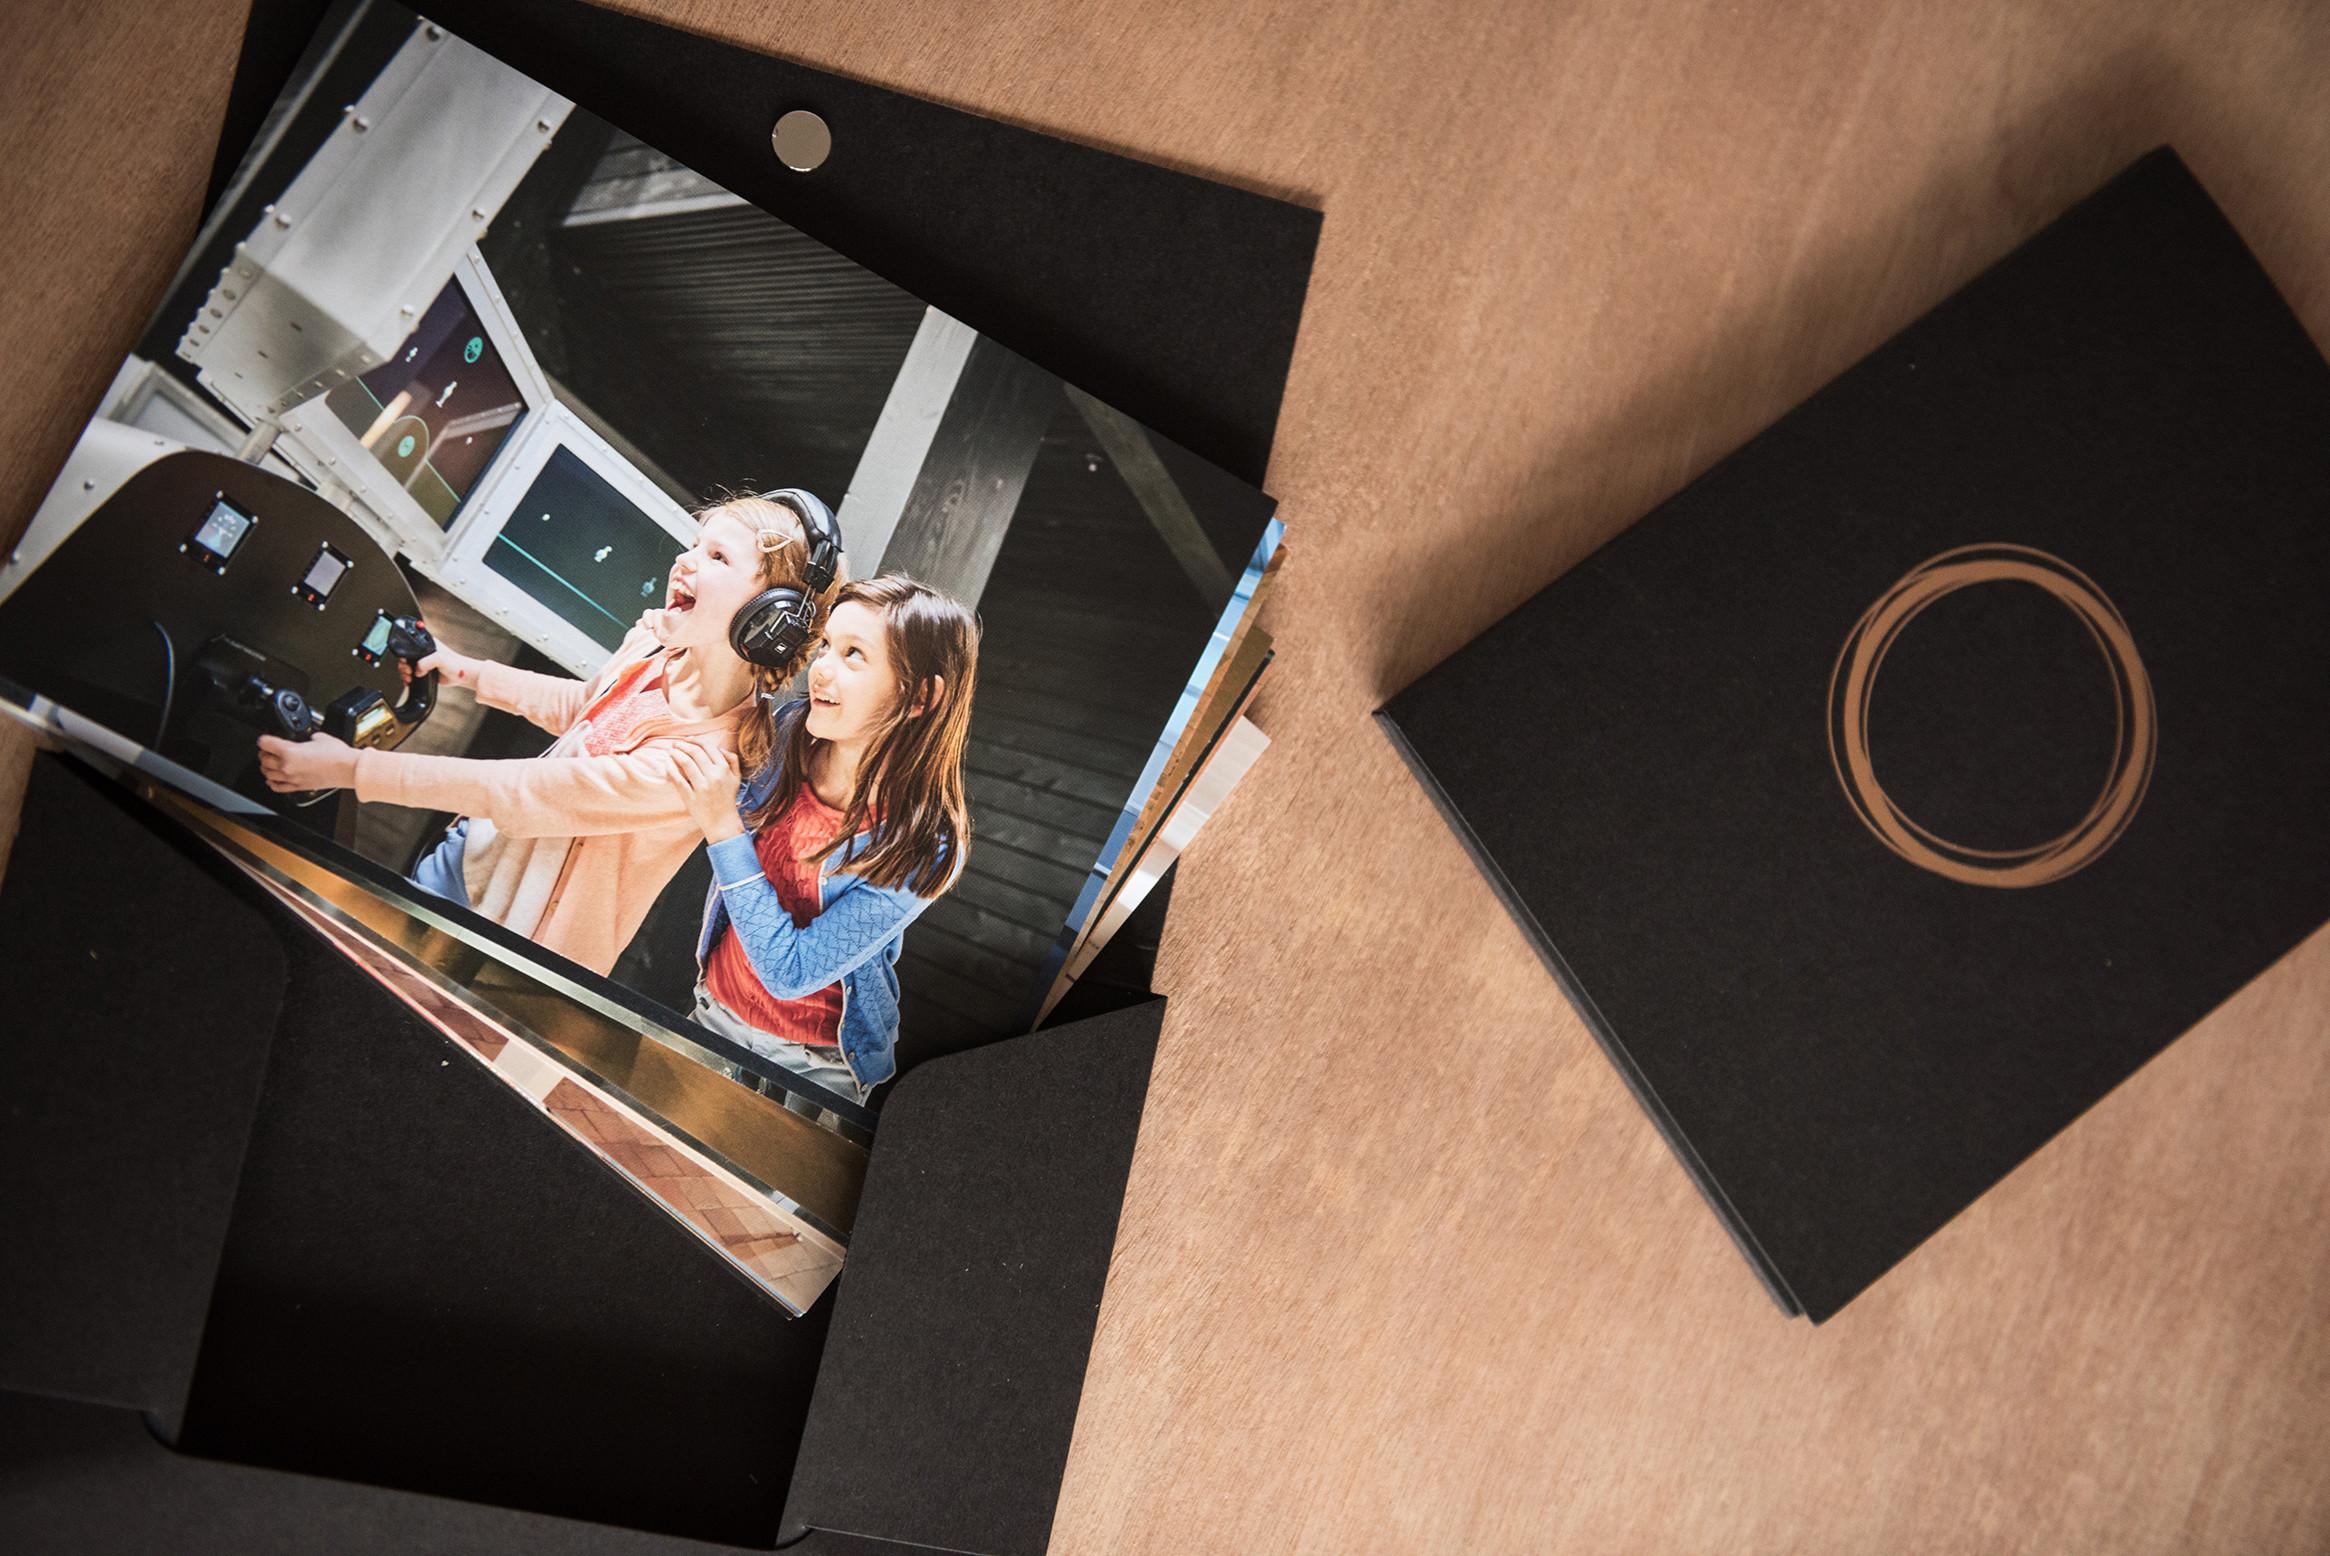 Op zoek naar bijzonder grafisch ontwerp, zoals dit doosje met fiches voor Ocular? Neem contact op met communicatiebureau Capone.